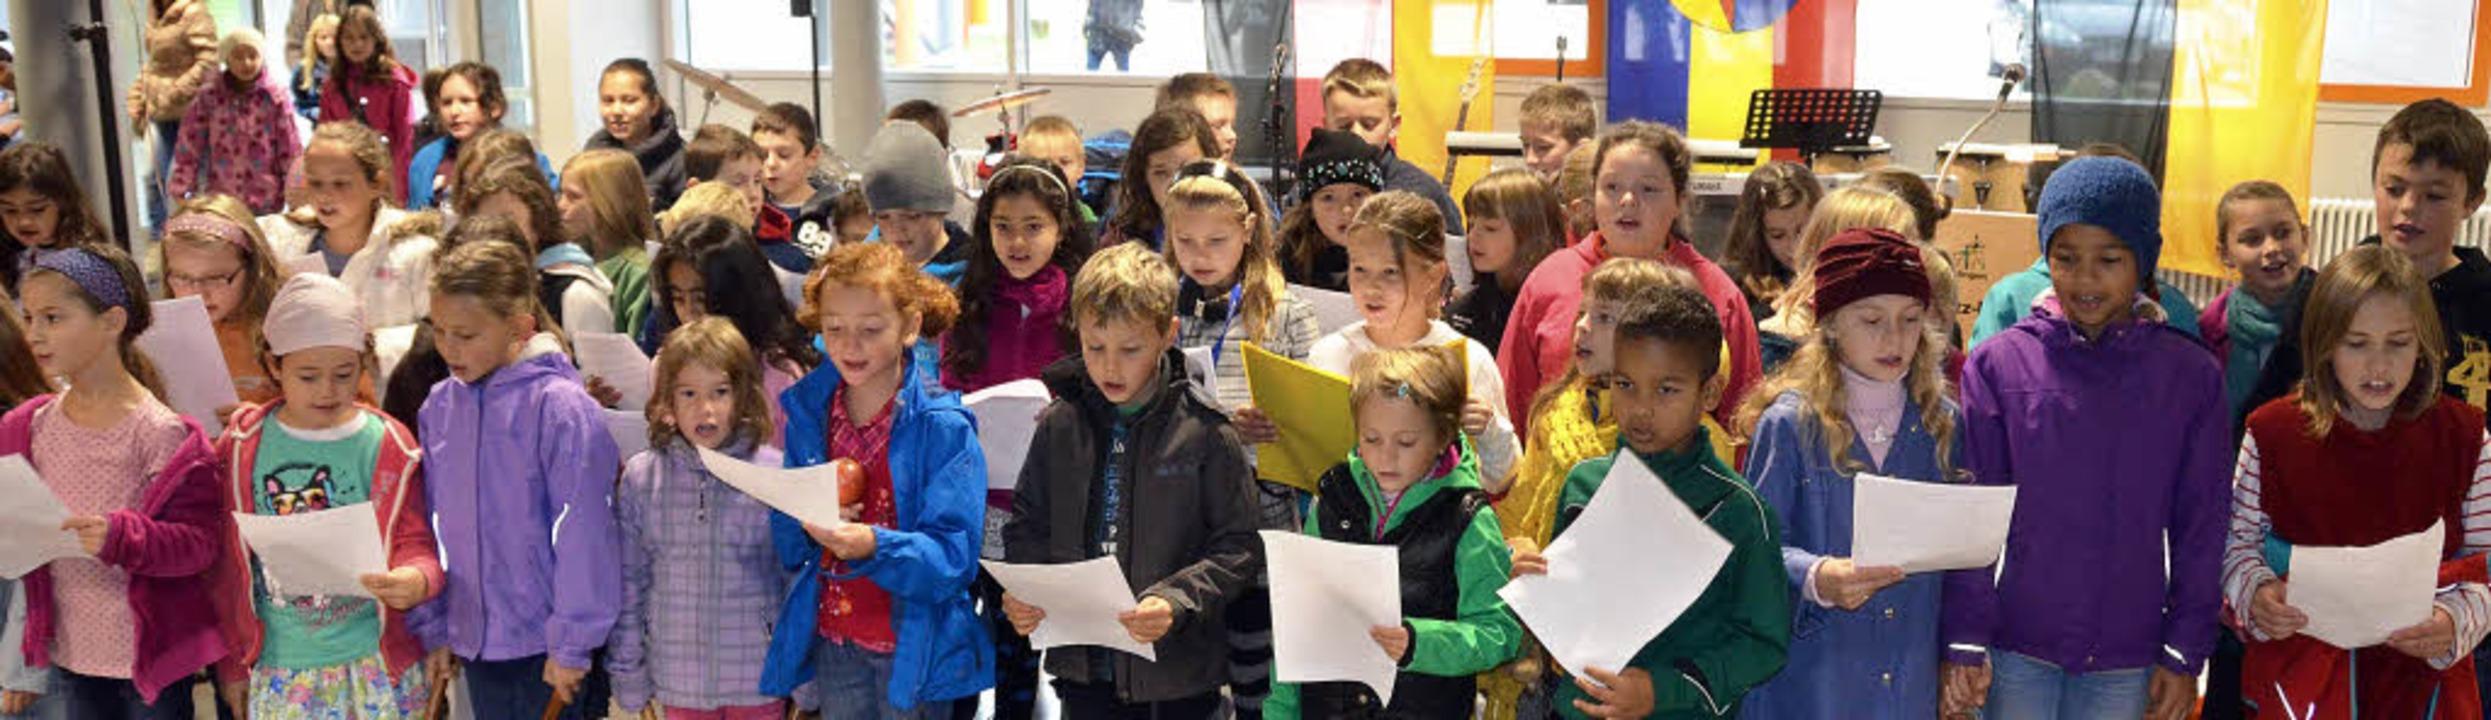 Der Grundschulchor sang zur Einweihung von richtigen Kindern und vielen Ländern  | Foto: Sylvia-Karina Jahn